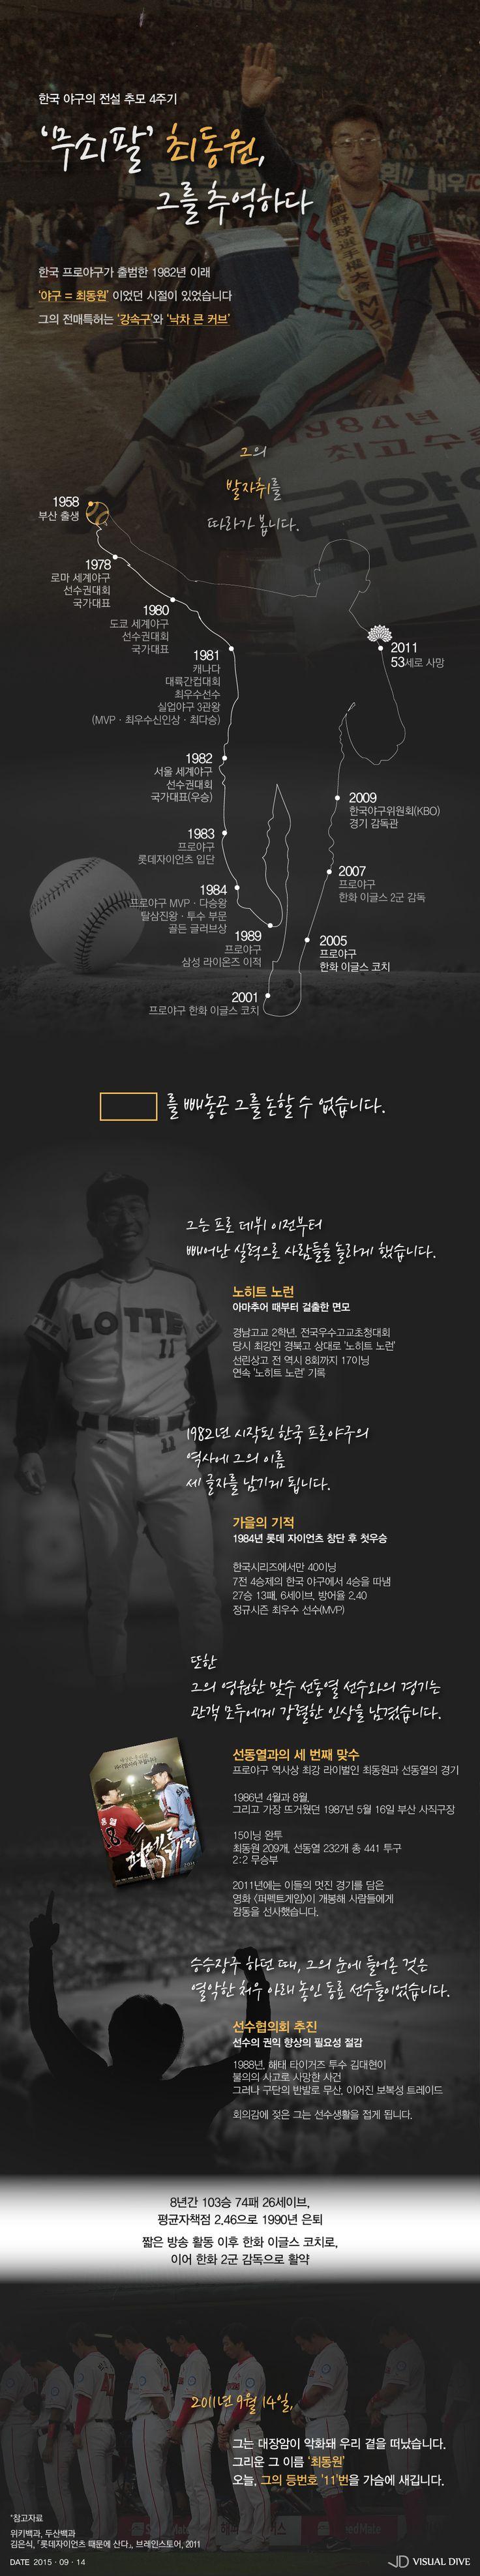 '무쇠팔' 故 최동원 선수 추모 4주기…그의 발자취 돌아보다 [인포그래픽] #ChoiDongWon / #Infographic ⓒ 비주얼다이브 무단 복사·전재·재배포 금지